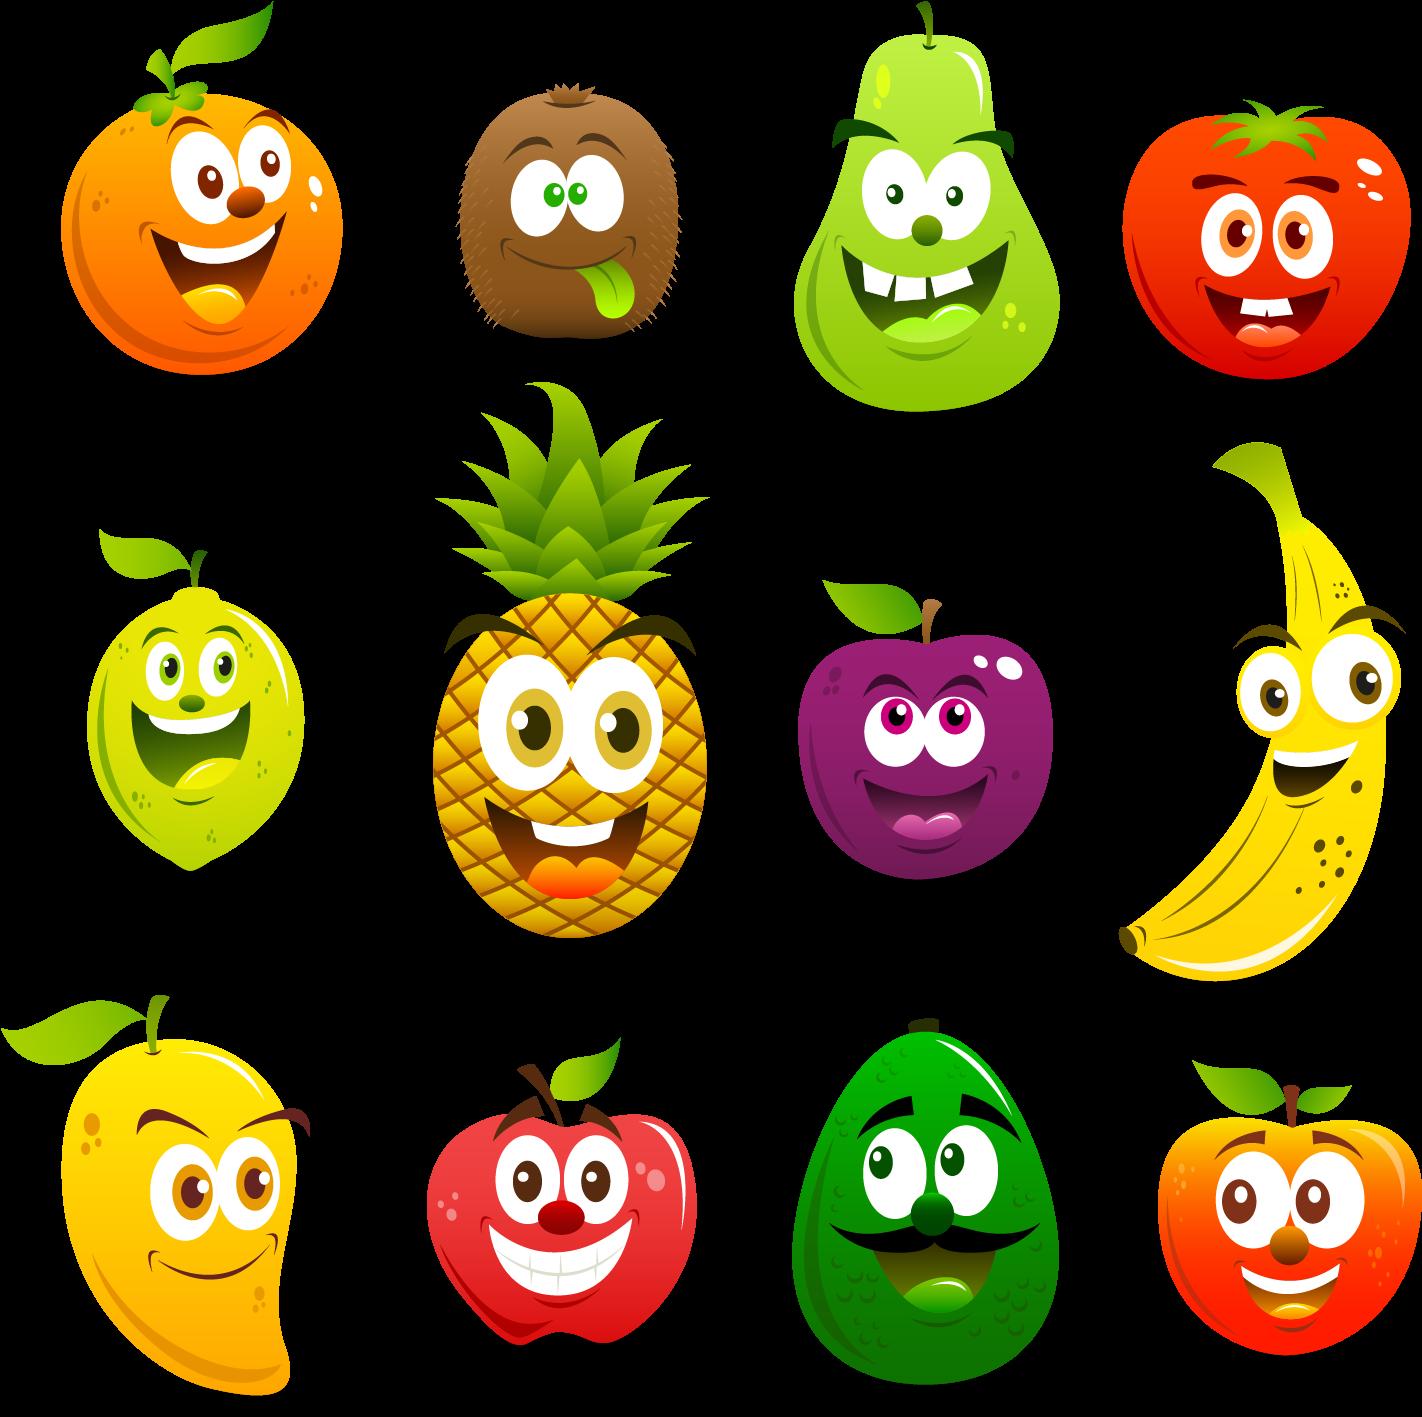 фрукты мульт картинки лучшими друзьями